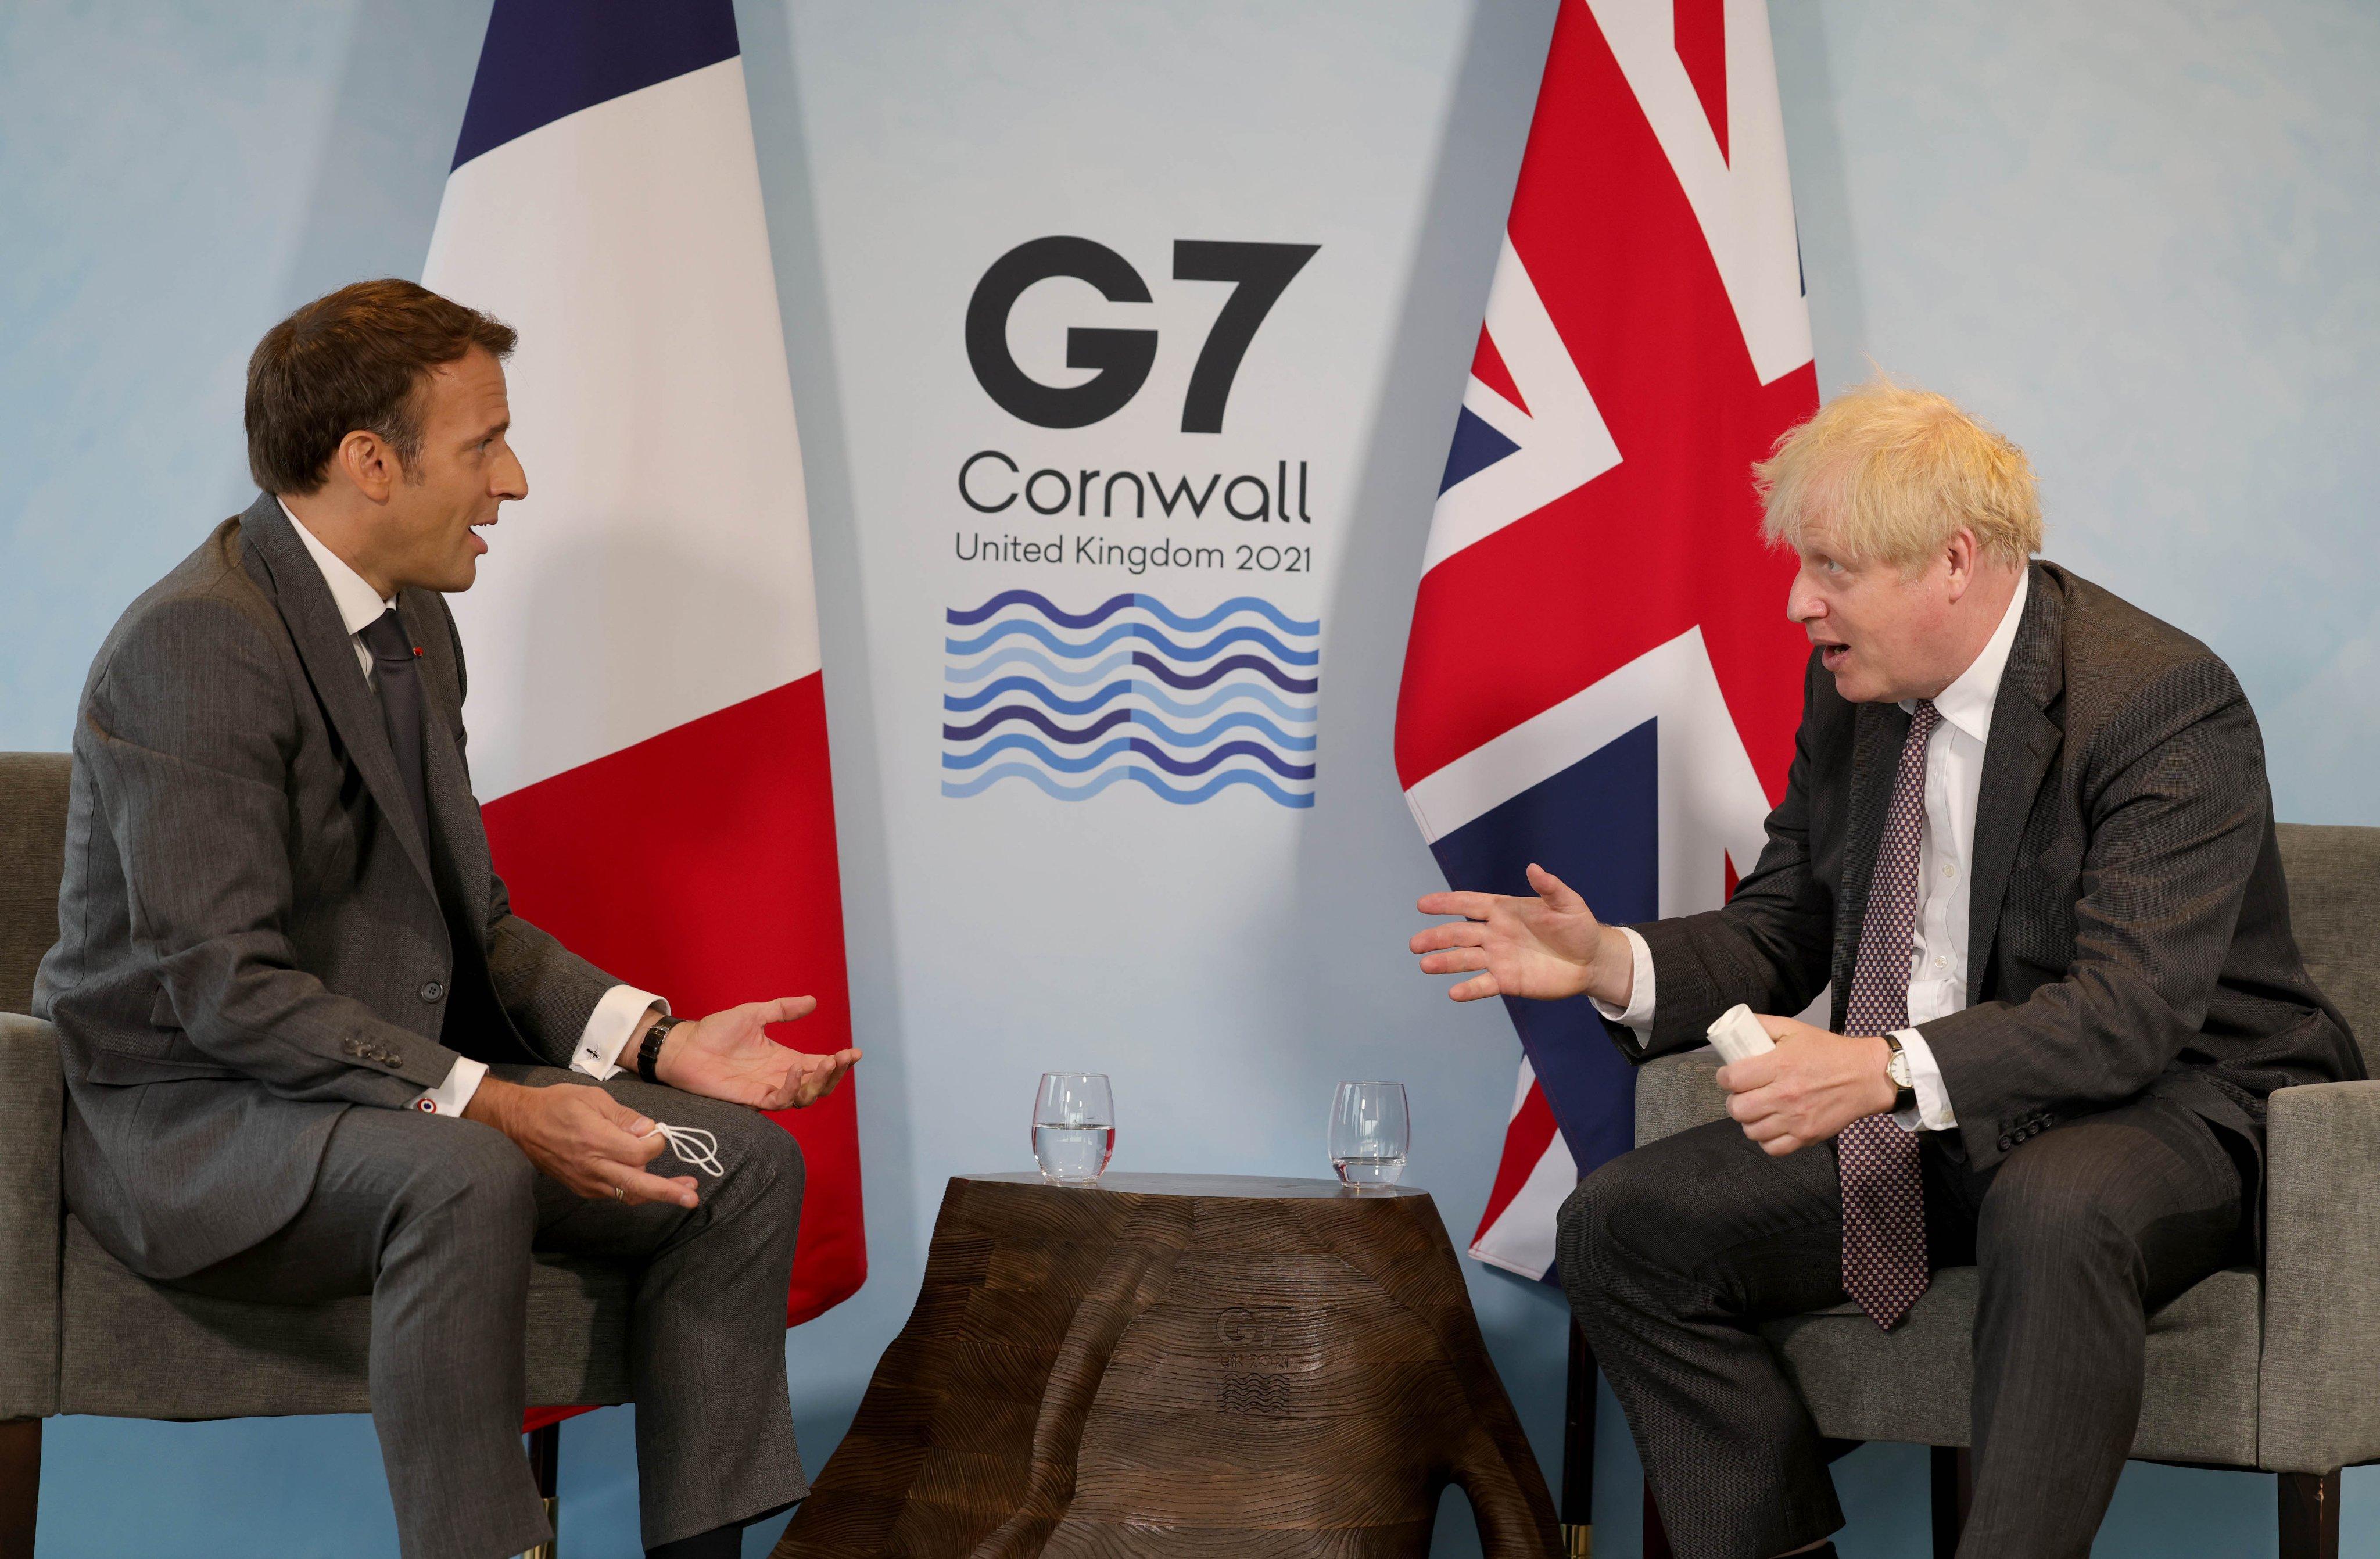 फ्रांस के राष्ट्रपति इमैनुएल मैक्रों से चर्चा करते ब्रिटेन के प्रधानमंत्री बोरिस जॉनसन।